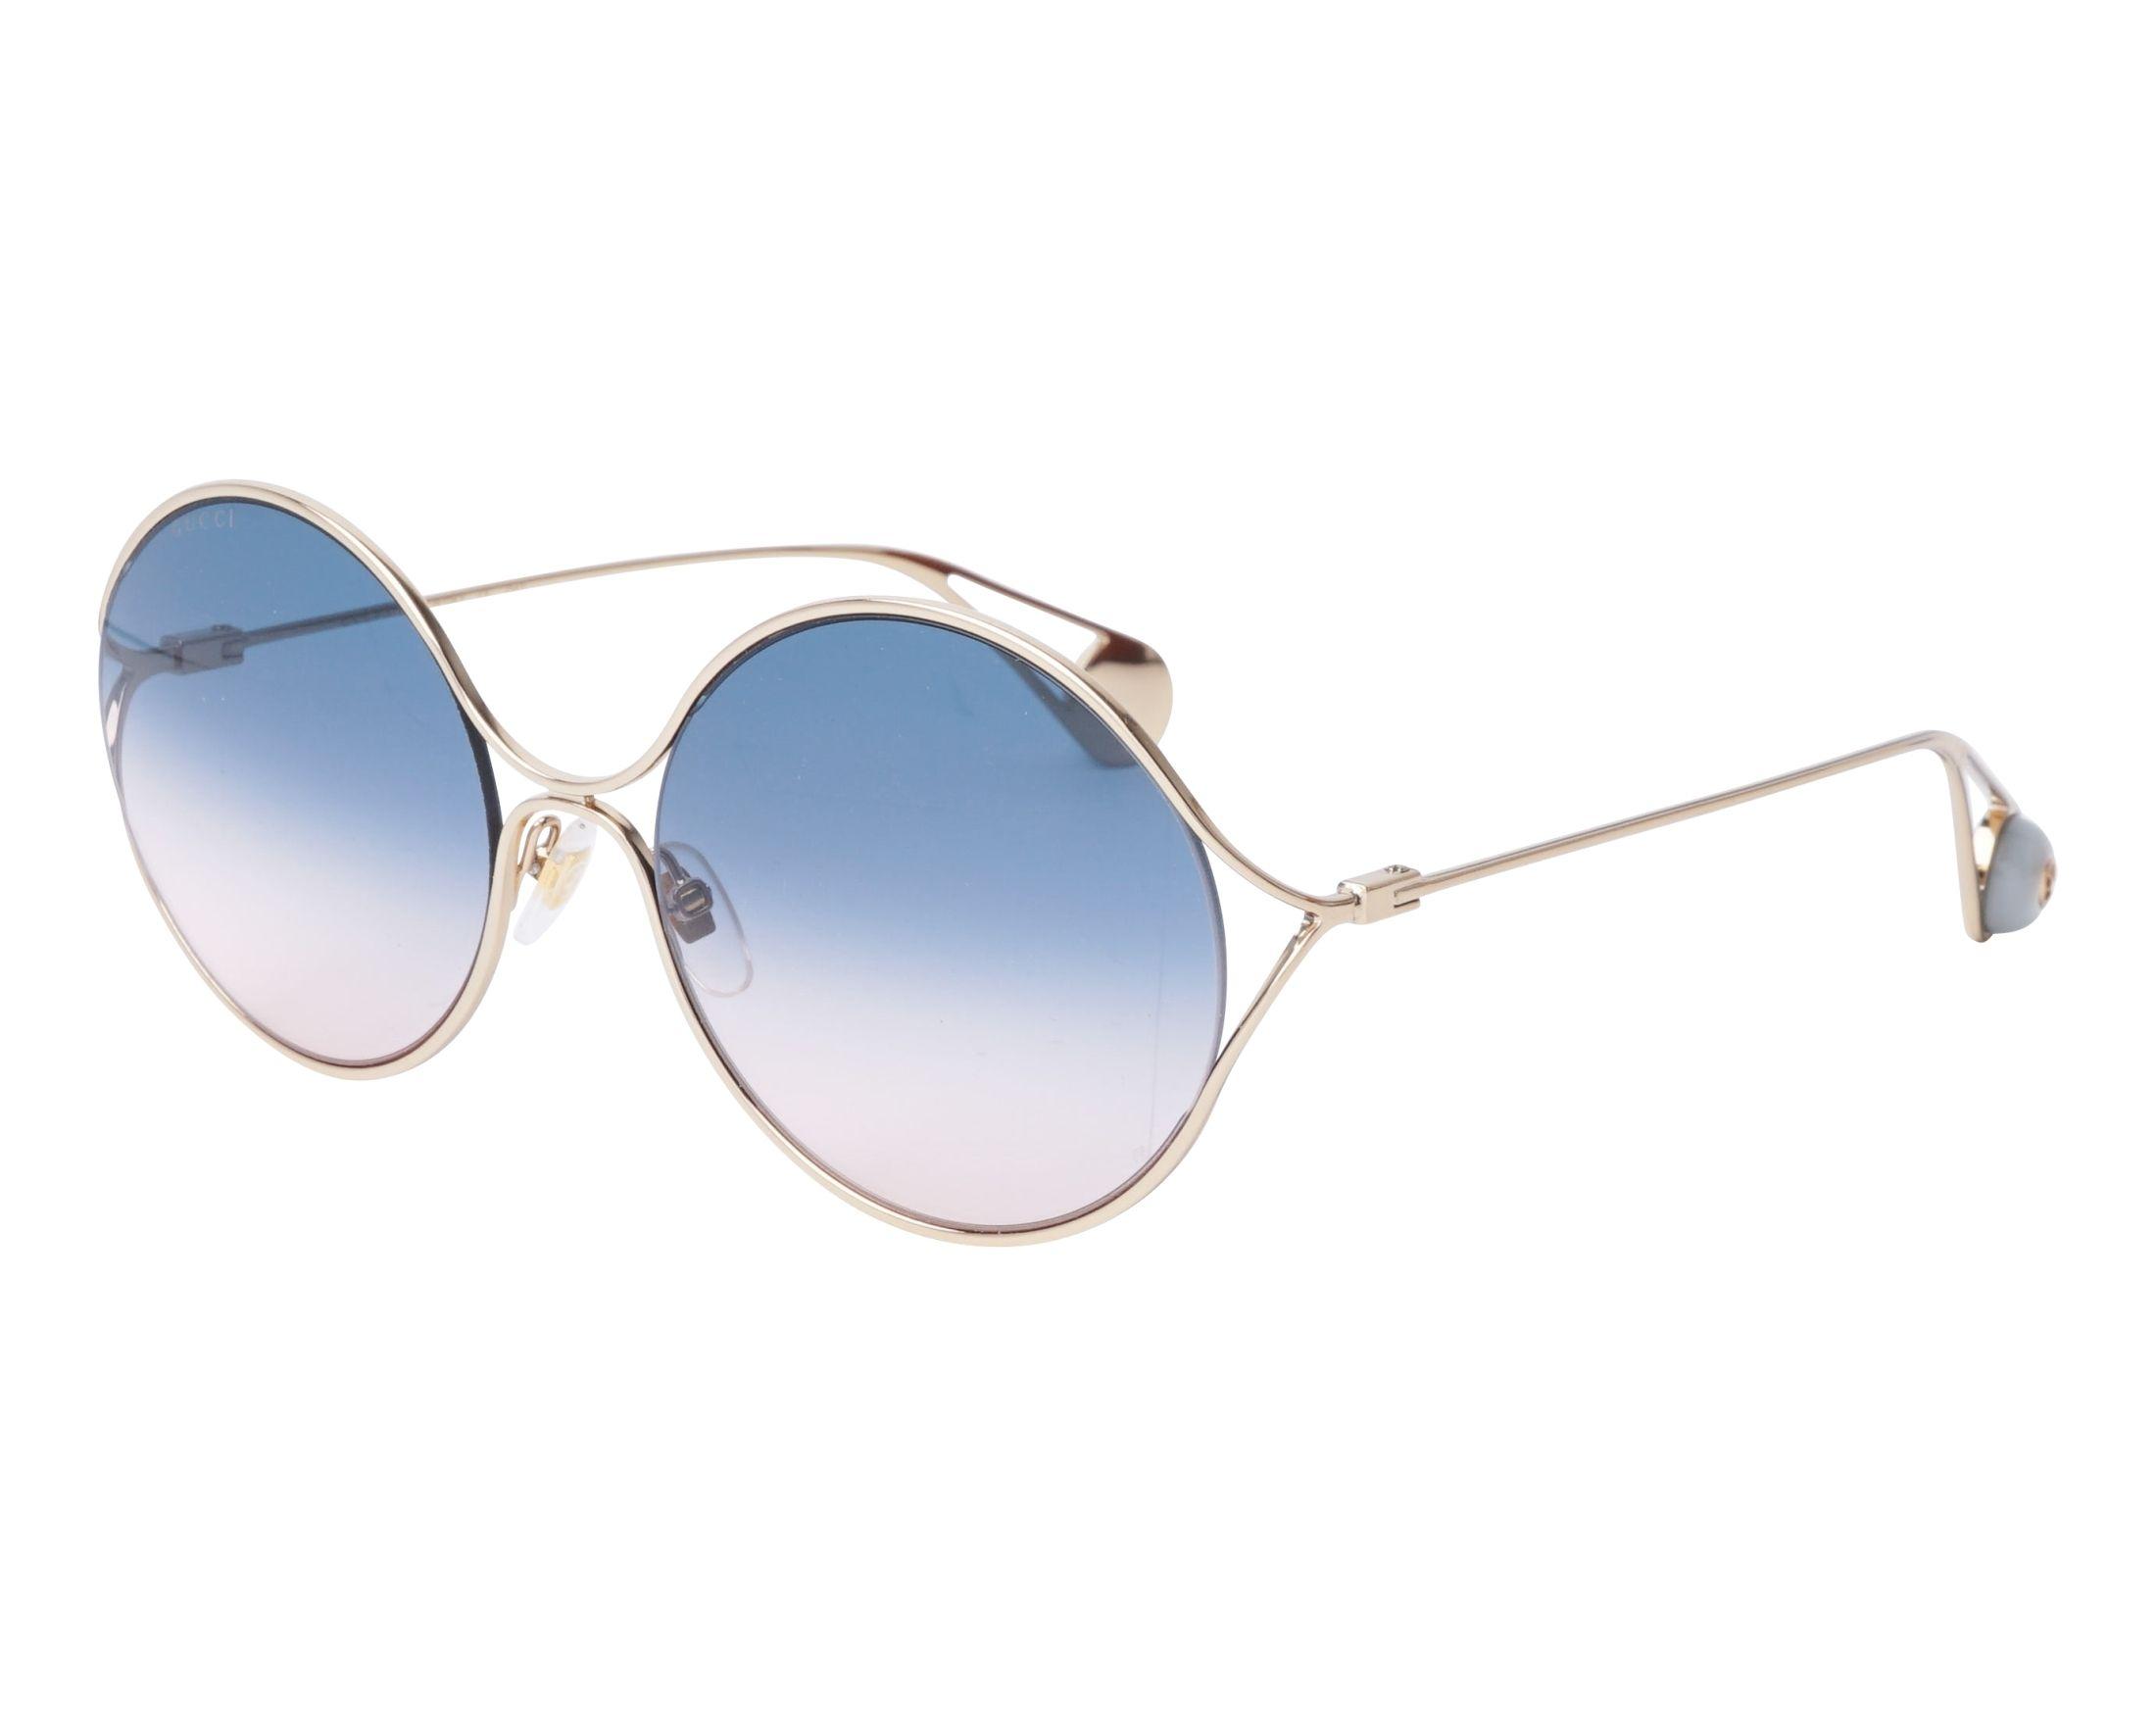 Sunglasses Gucci GG-0253-S 003 - Gold profile view fb084c1f8f